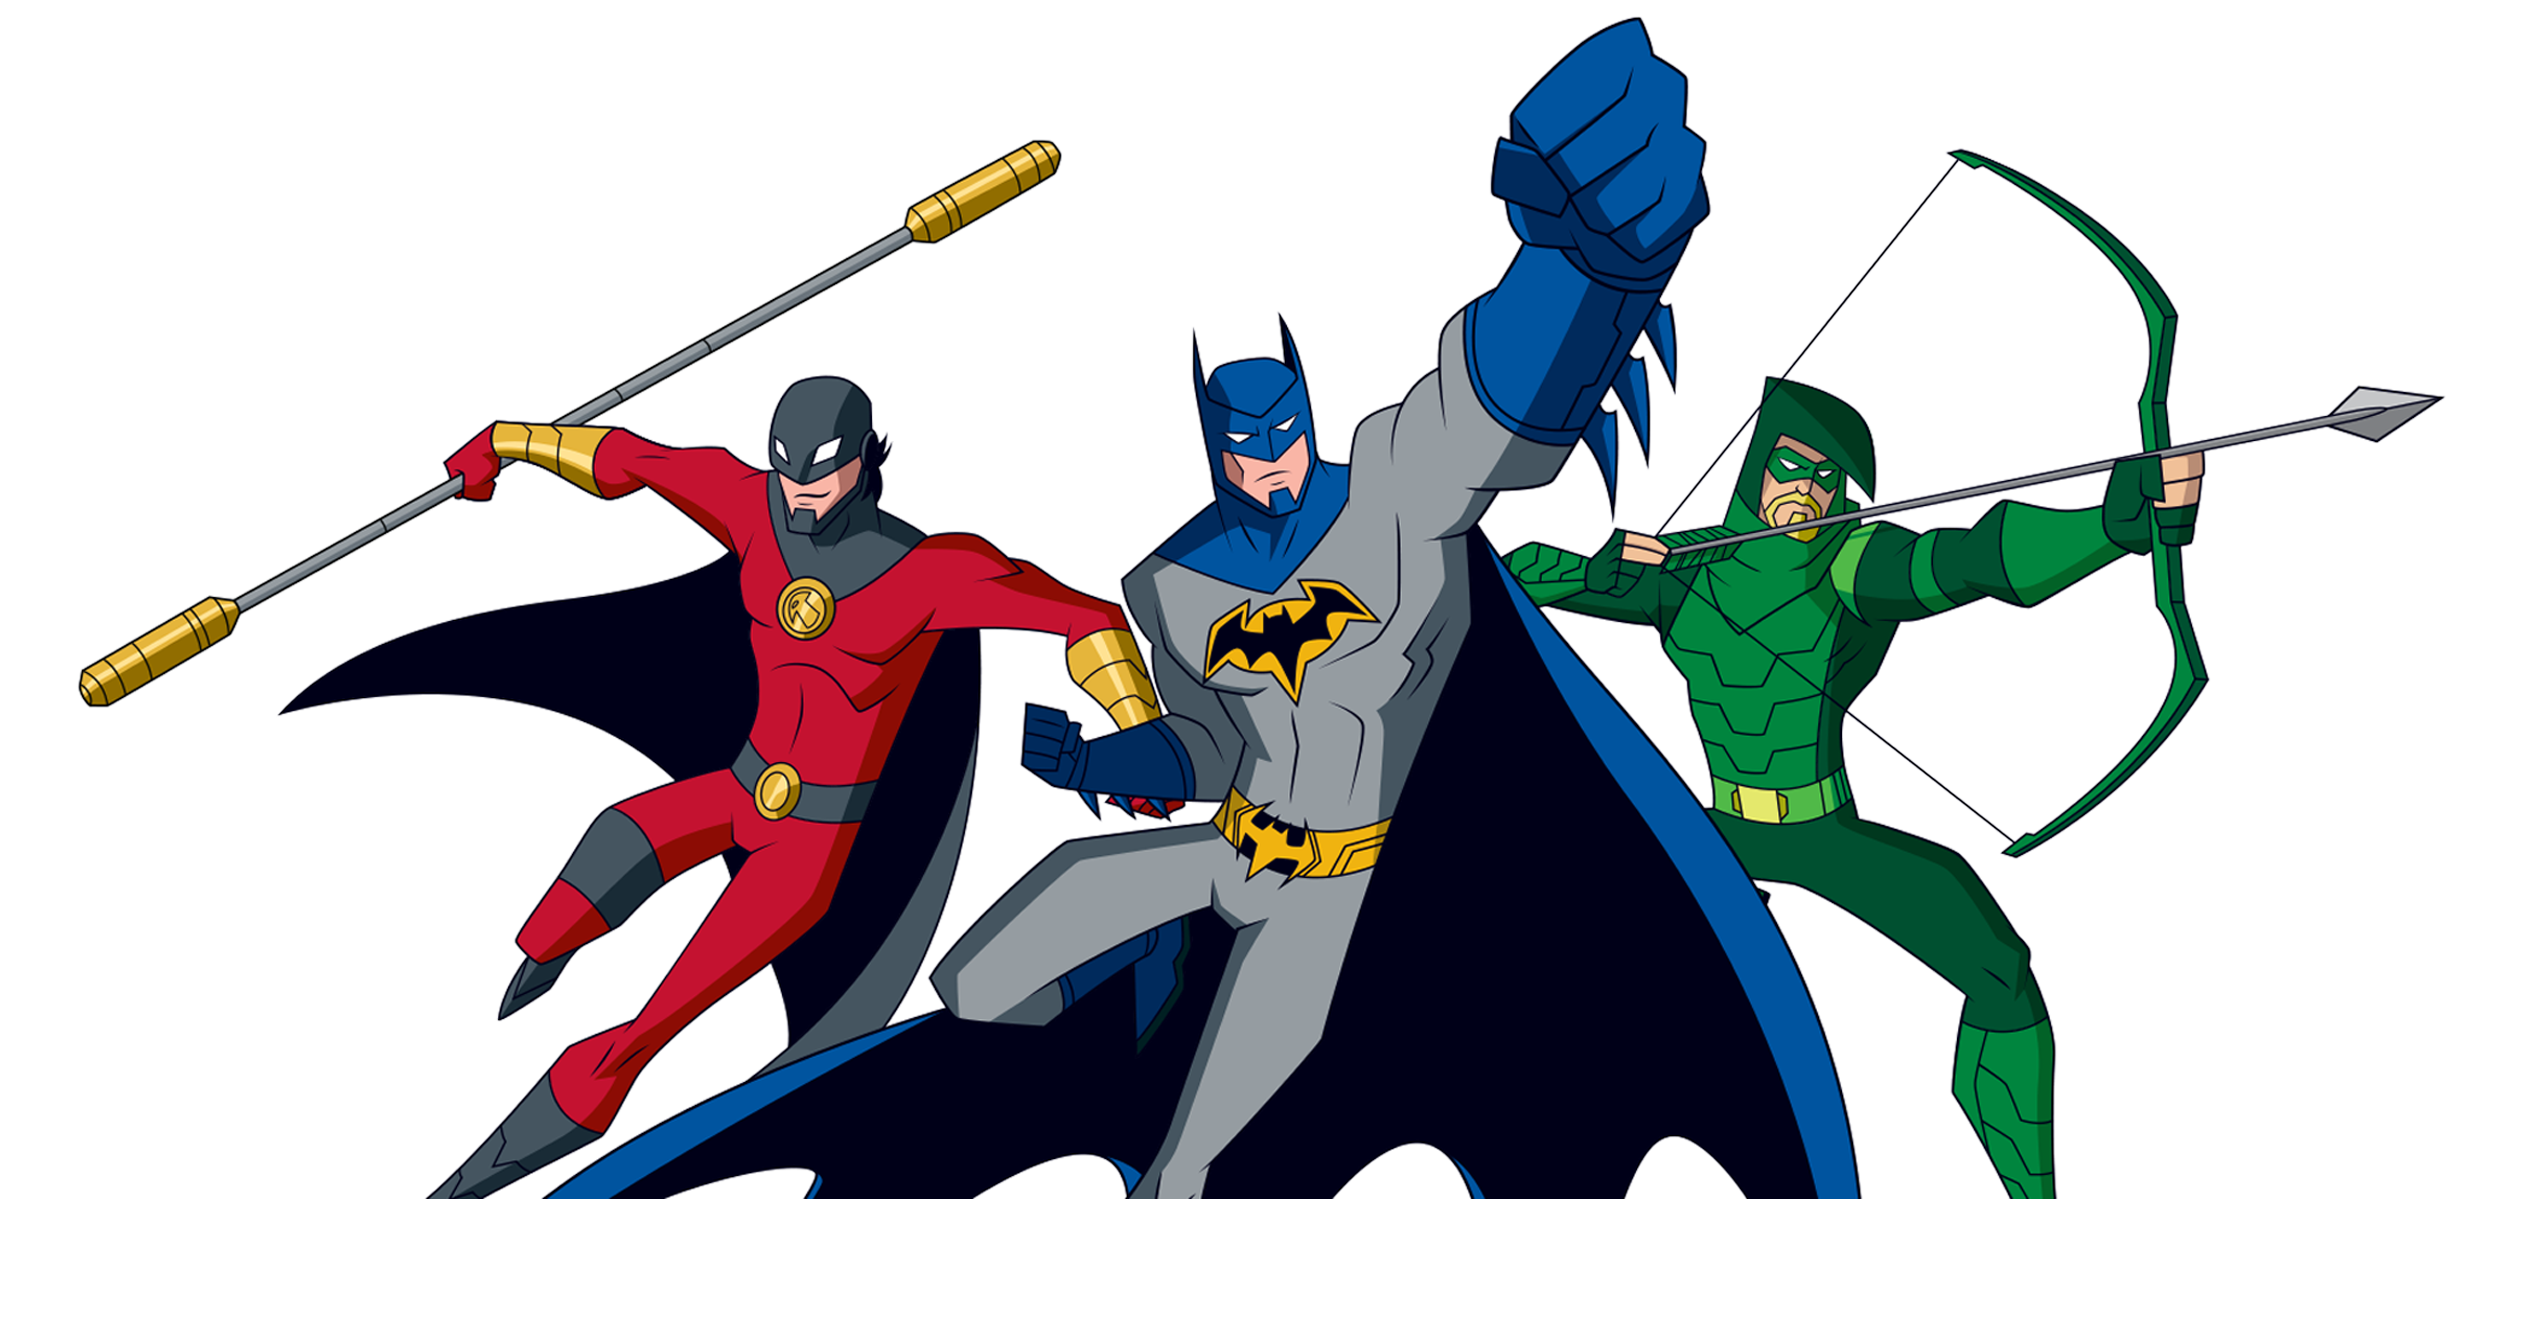 Super-heróis DC